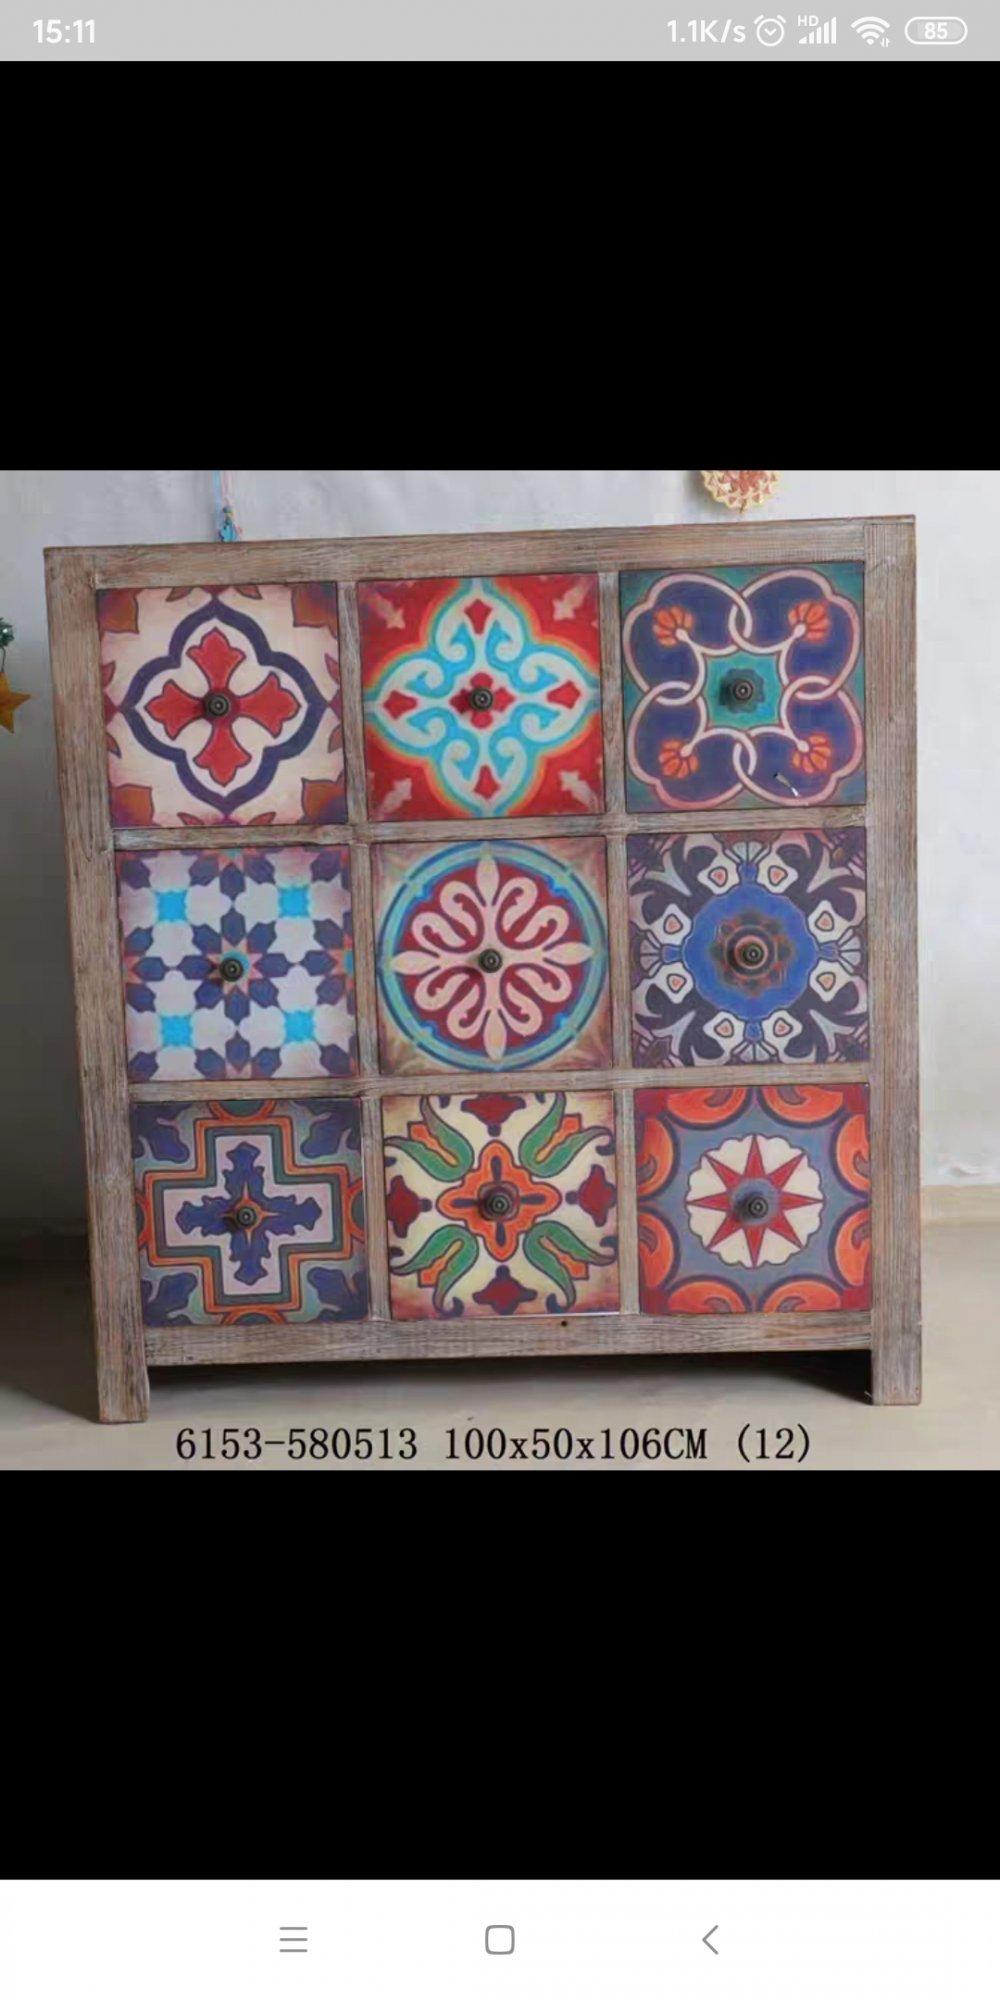 要买一个小吧台,可以跟下面这个颜色的柜子搭配,吧台用哪个颜色有画龙点睛的效果?